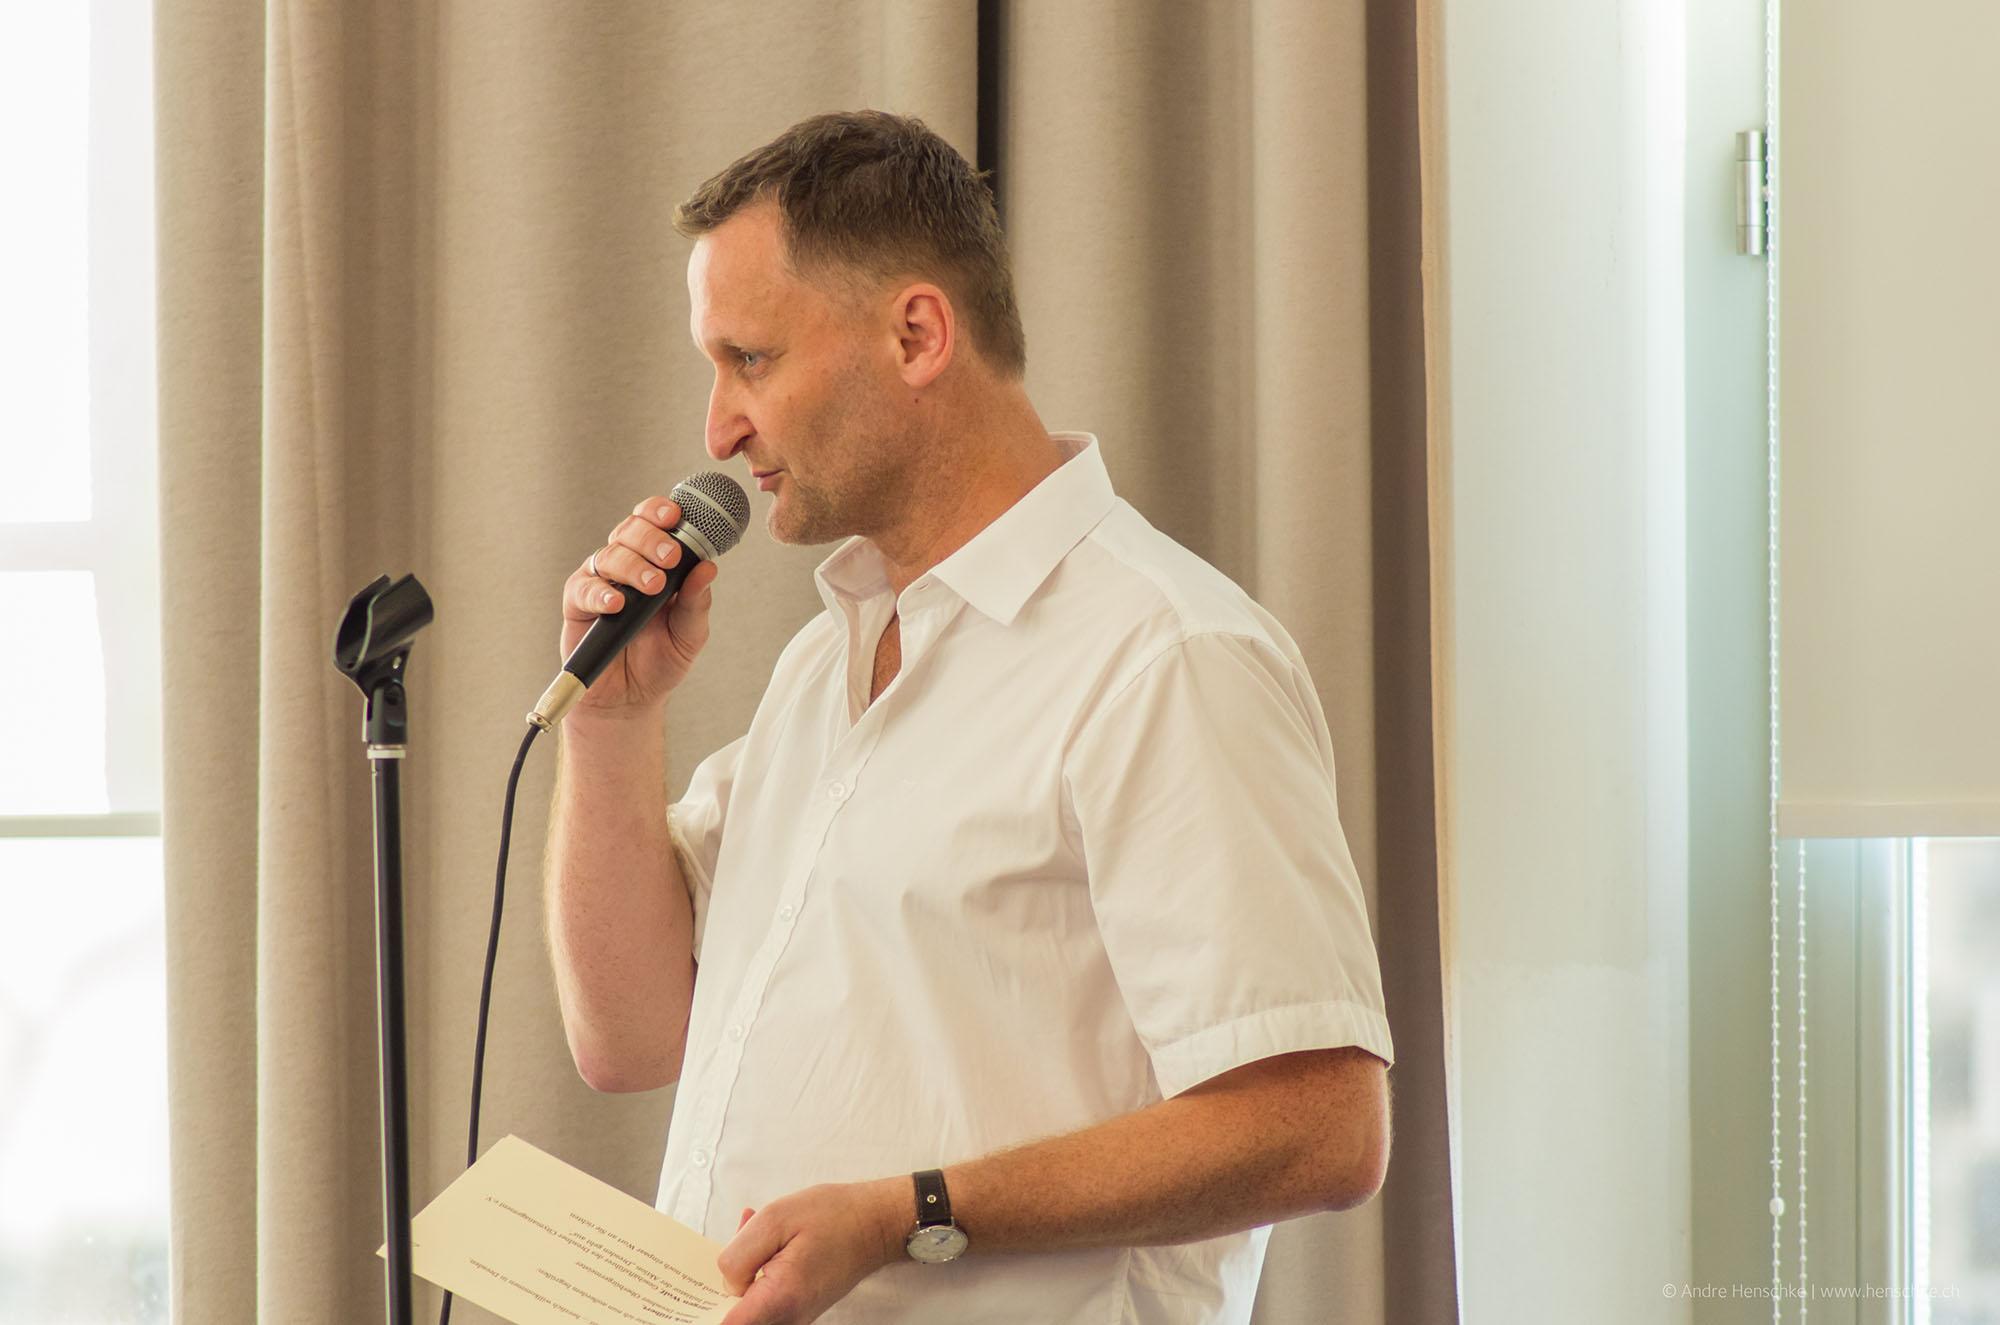 Veranstalter und Initiator der Literaturlounge und Montagslesung Dirk Kohl vom Weltbuch Verlag begrüßt die 175 Gäste des Abends